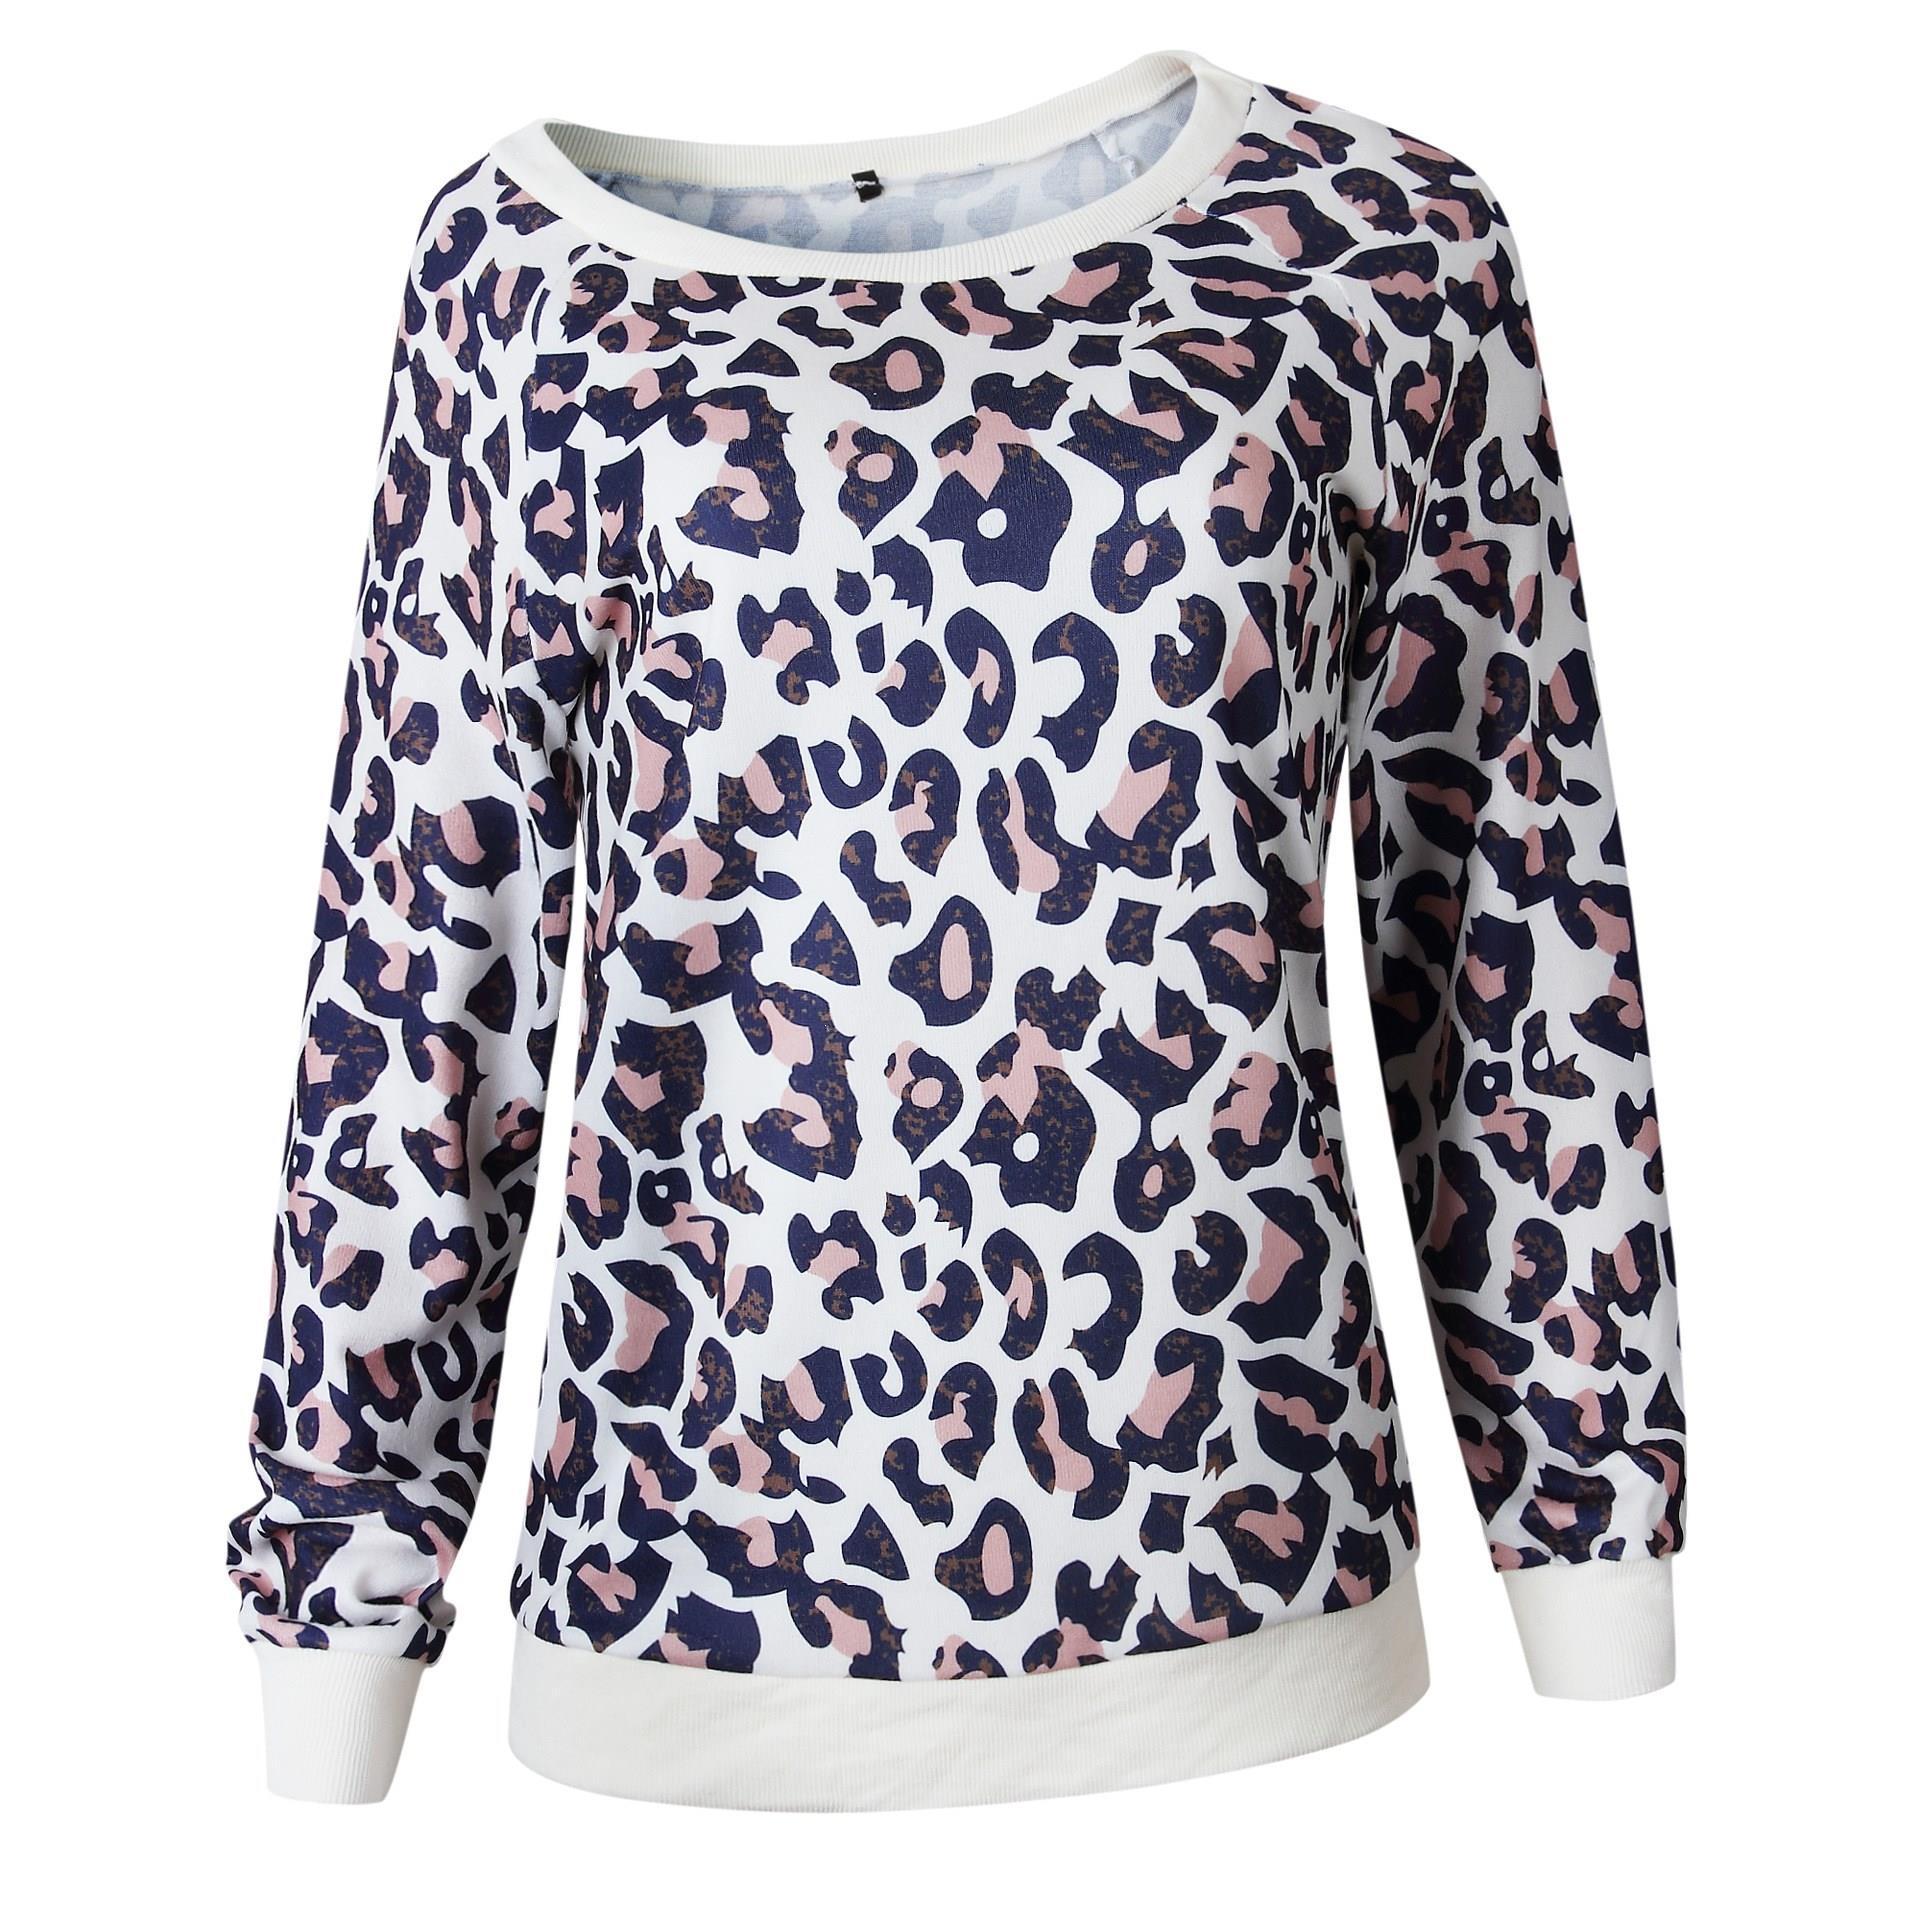 Bonita camiseta de leopardo con cuello redondo y estampado de cuello redondo para mujer Jersey Casual camiseta suelta - 6